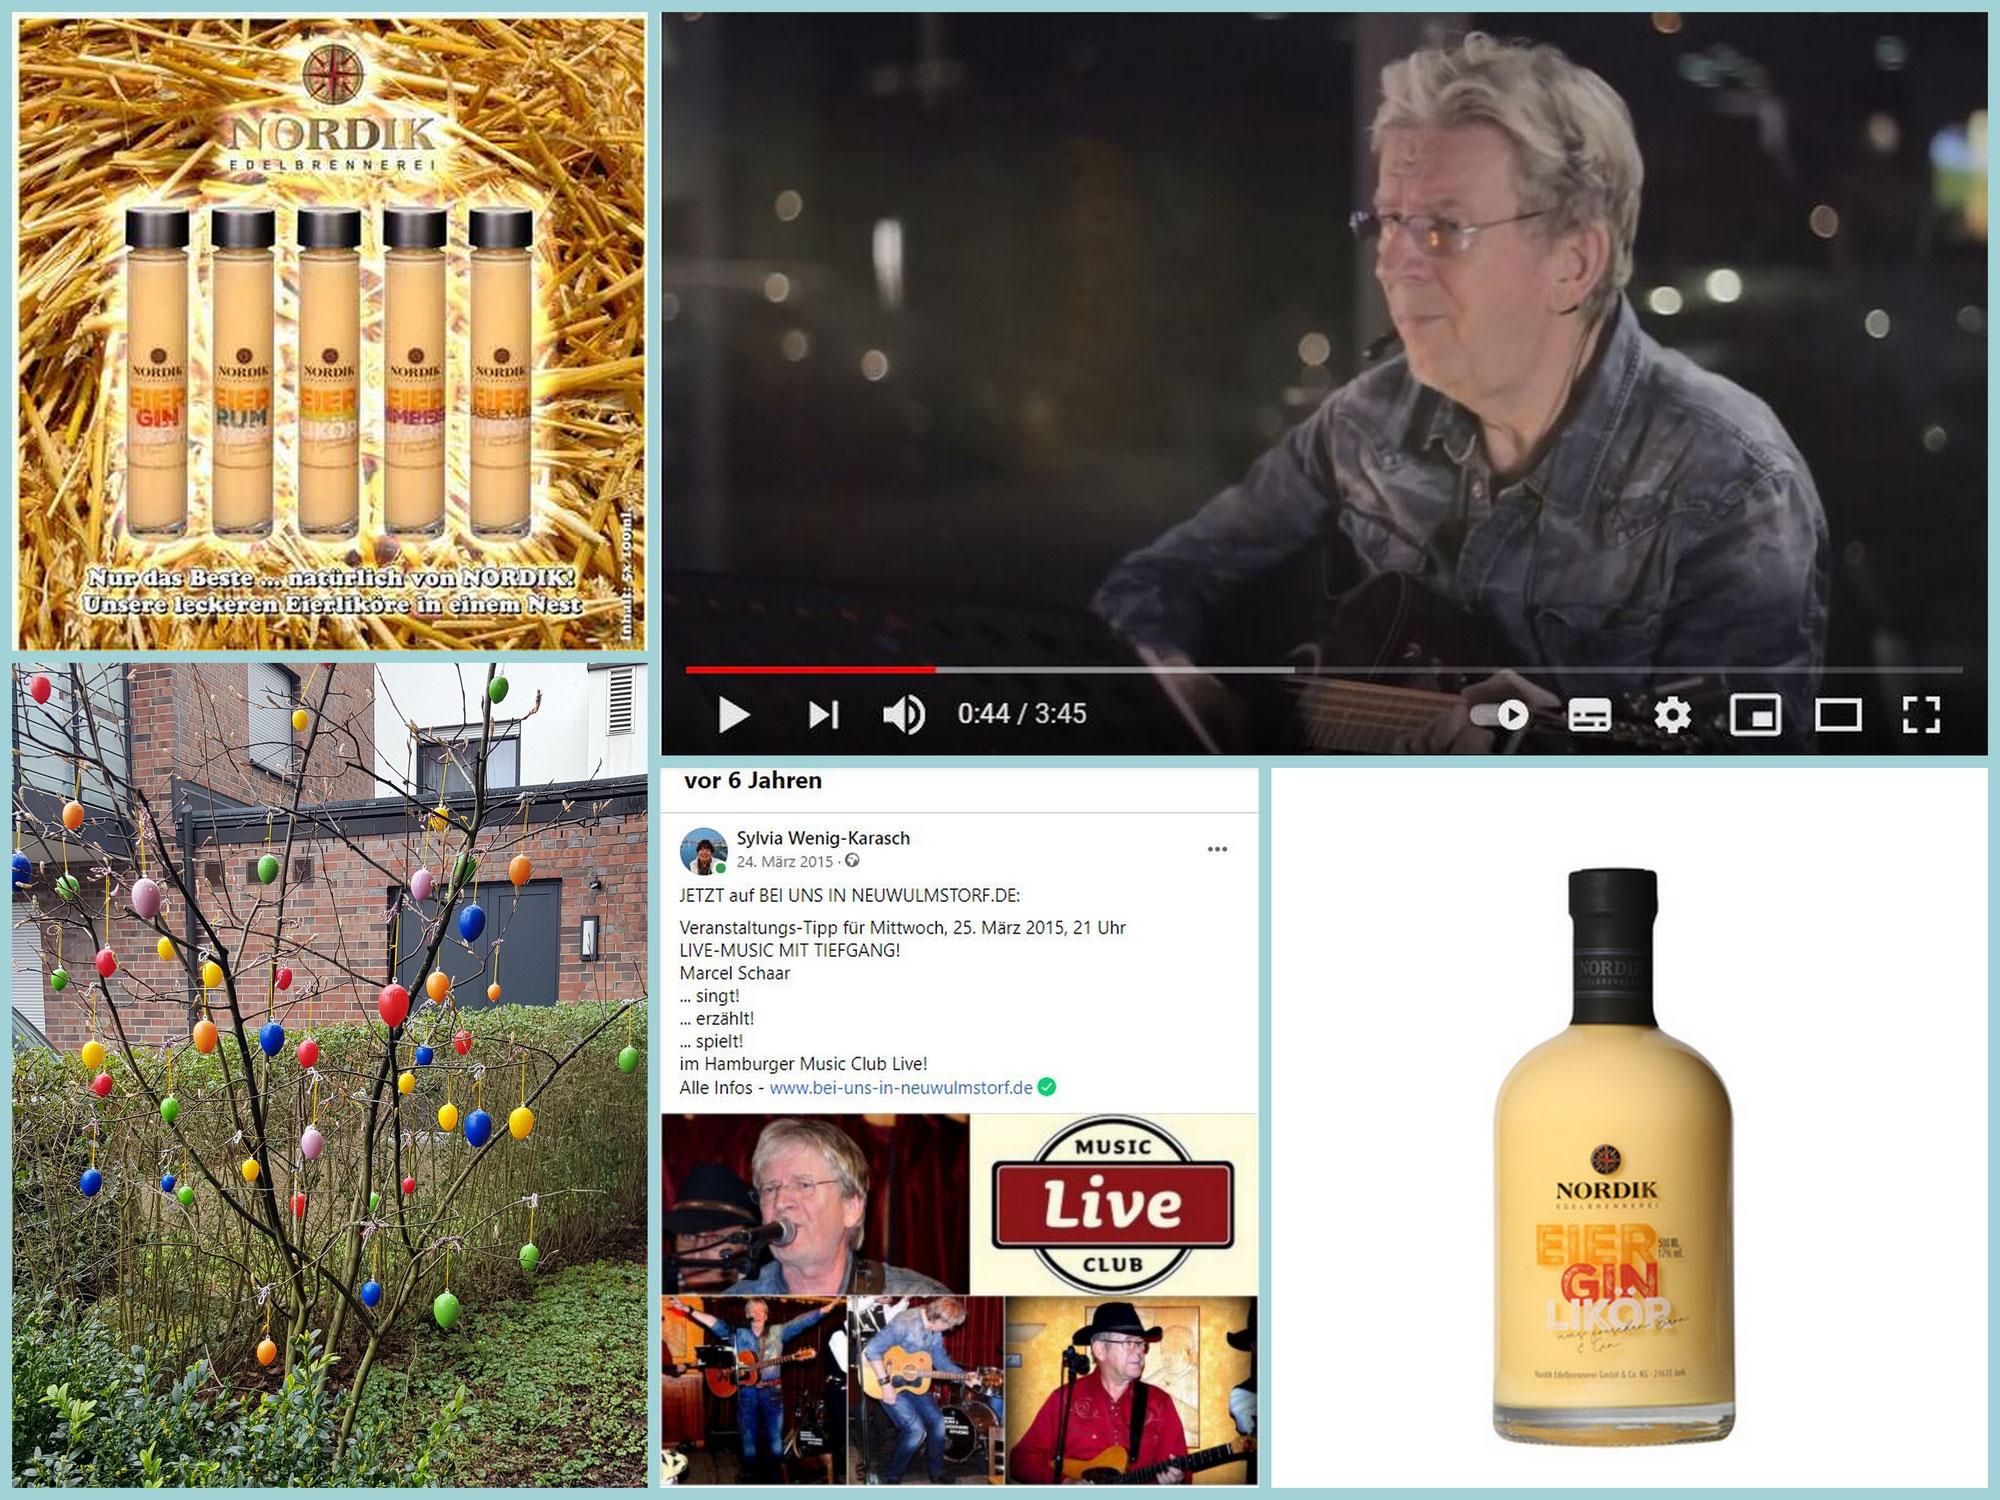 Jetzt wird´s österlich! Die besten Eierliköre aus der NORDIK Edelbrennerei und ein Rückblick ins Konzertjahr 2015 mit Singer/Songwriter Marcel Schaar!